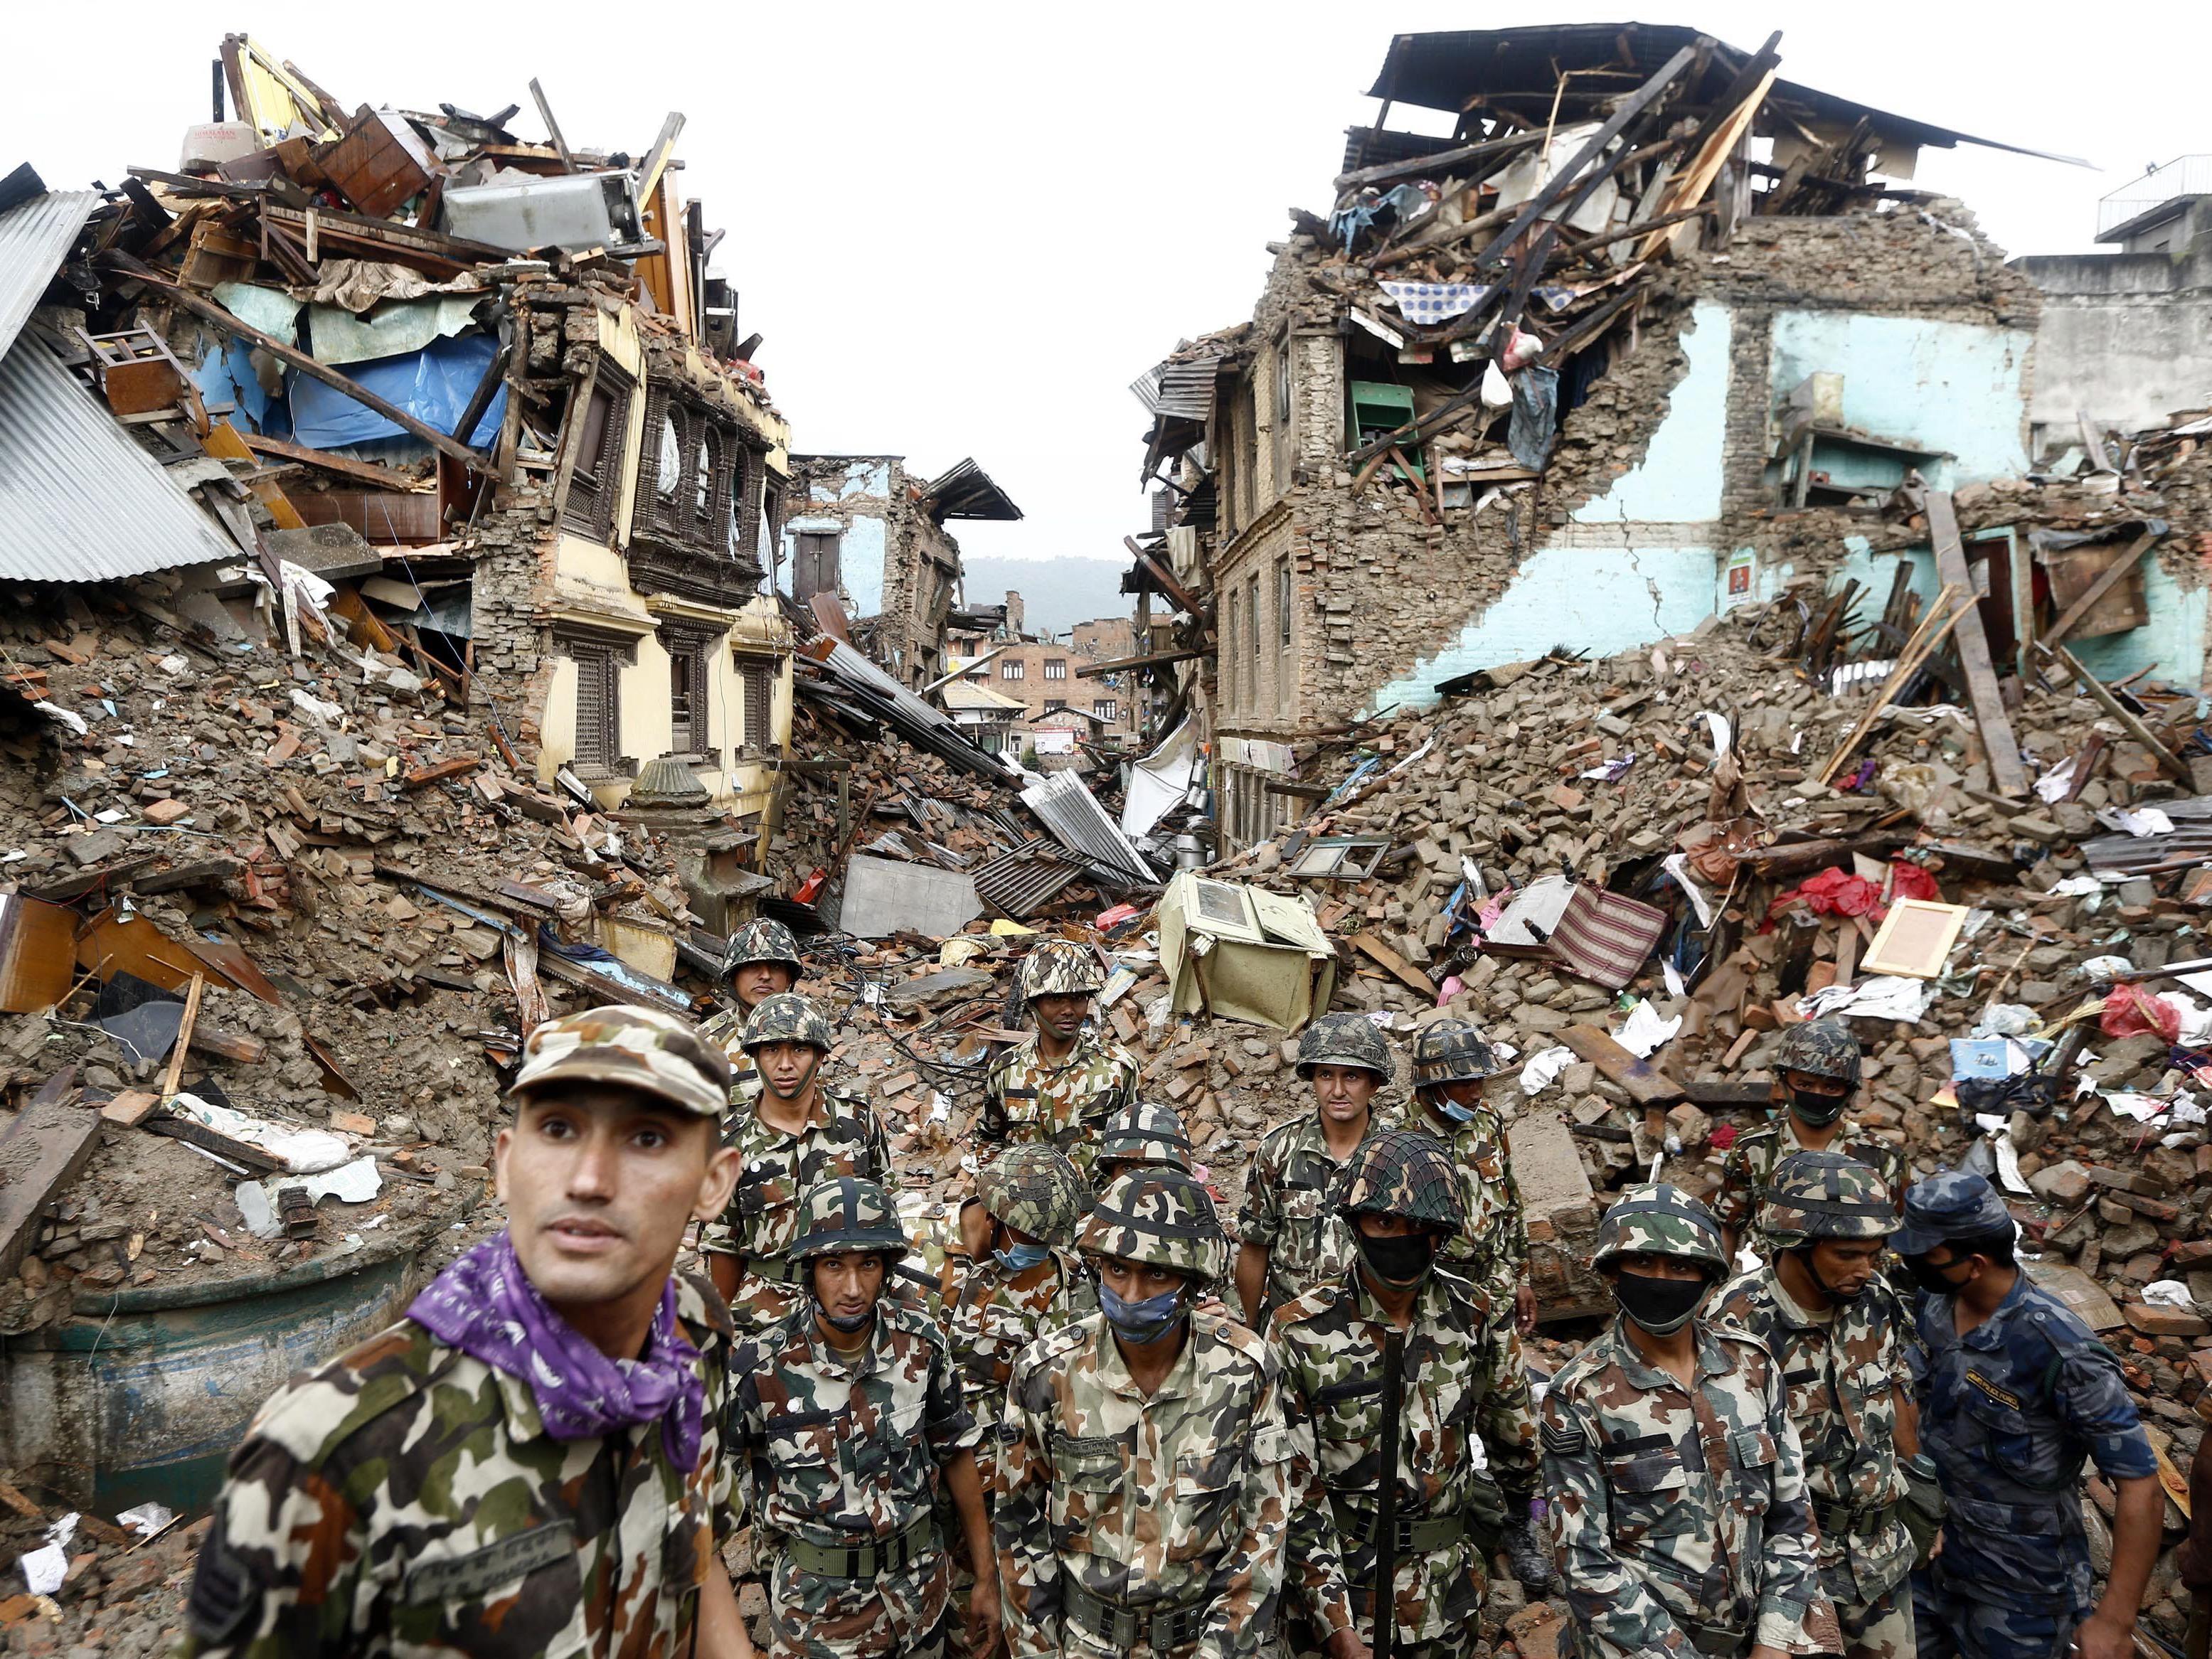 Die Zahl der Toten in Nepal steigt immer weiter.